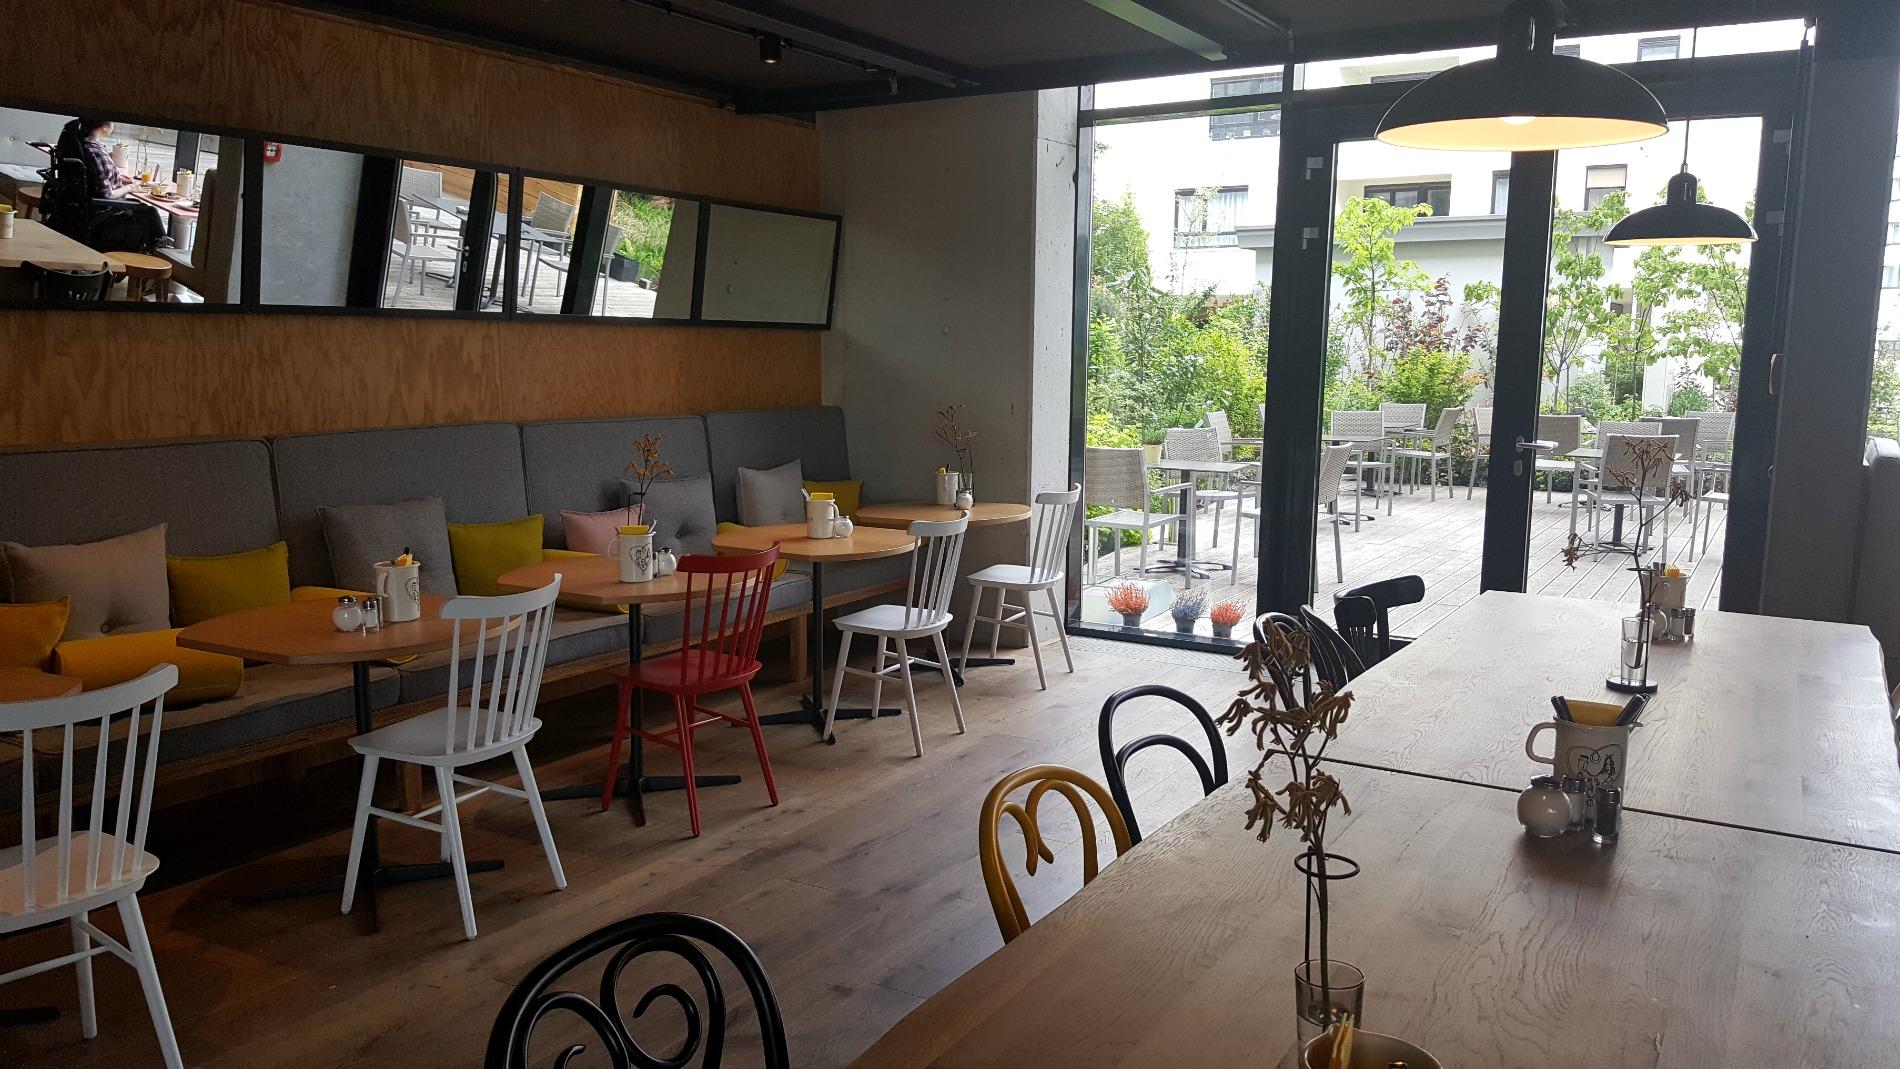 hotel-schani-wien-breakfast-lobby